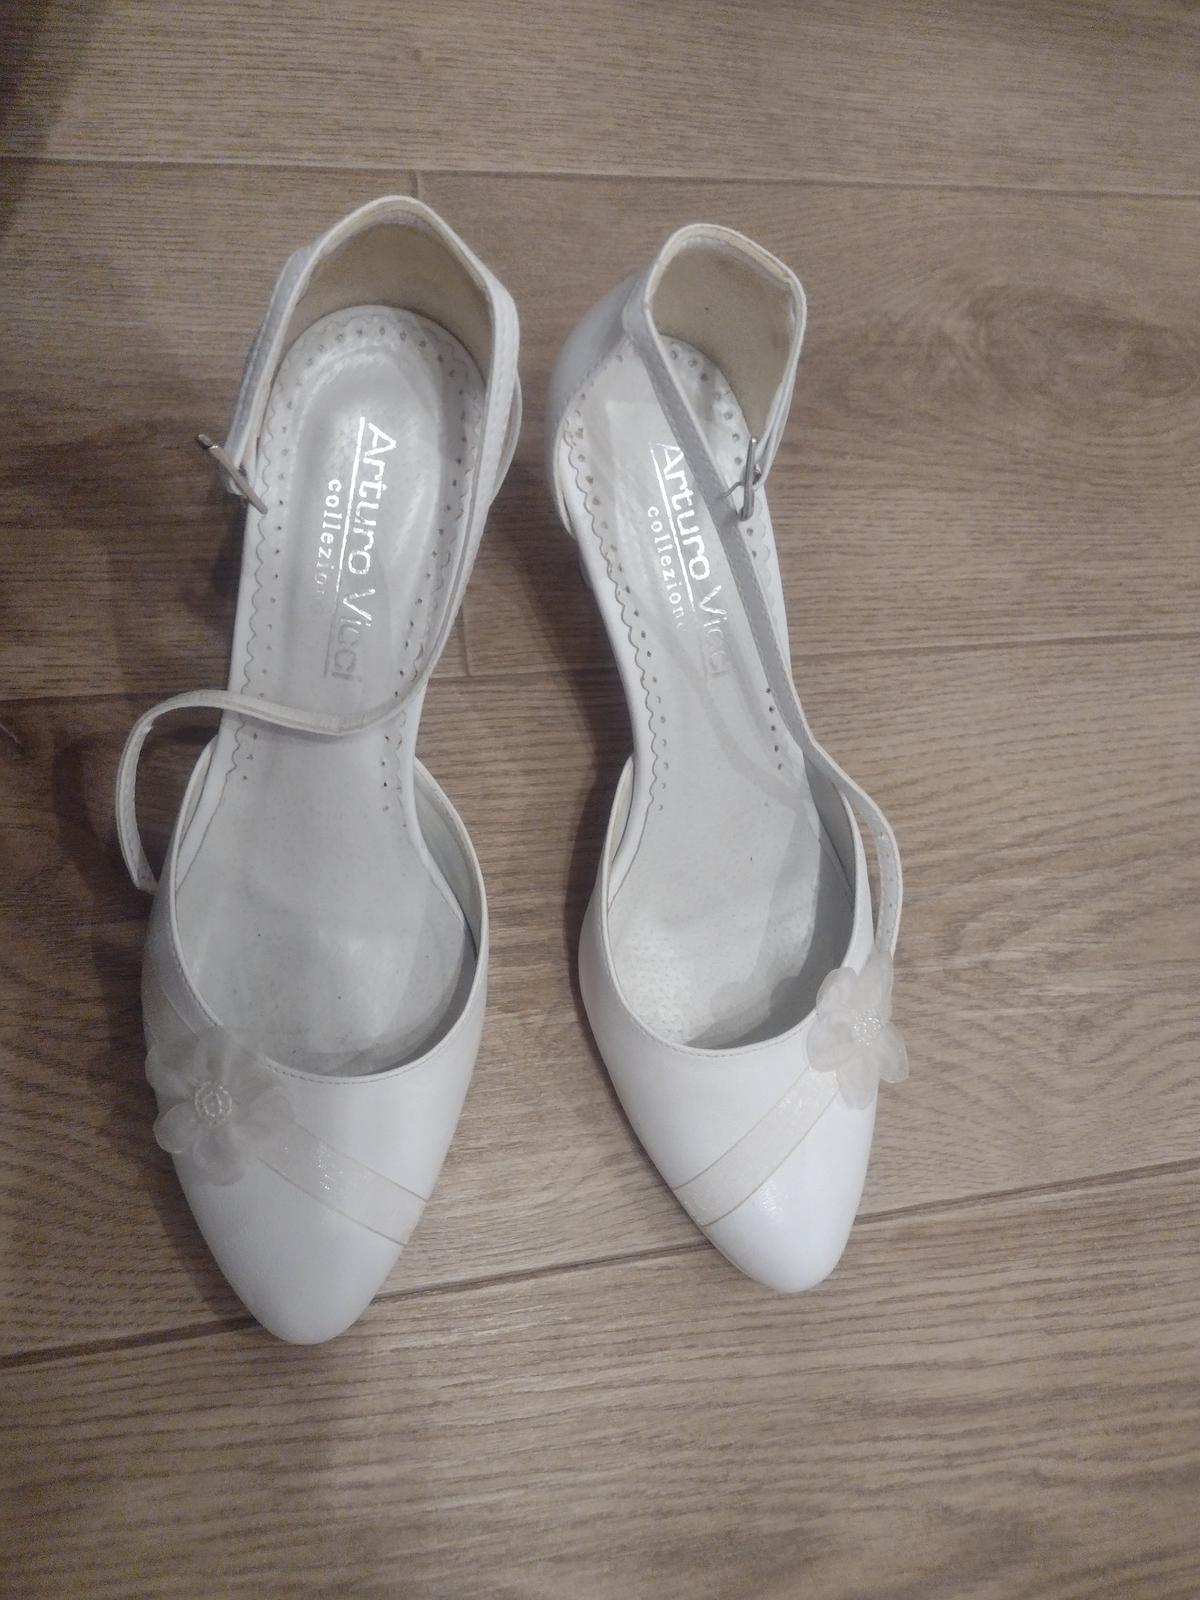 Biele topánky - Obrázok č. 1